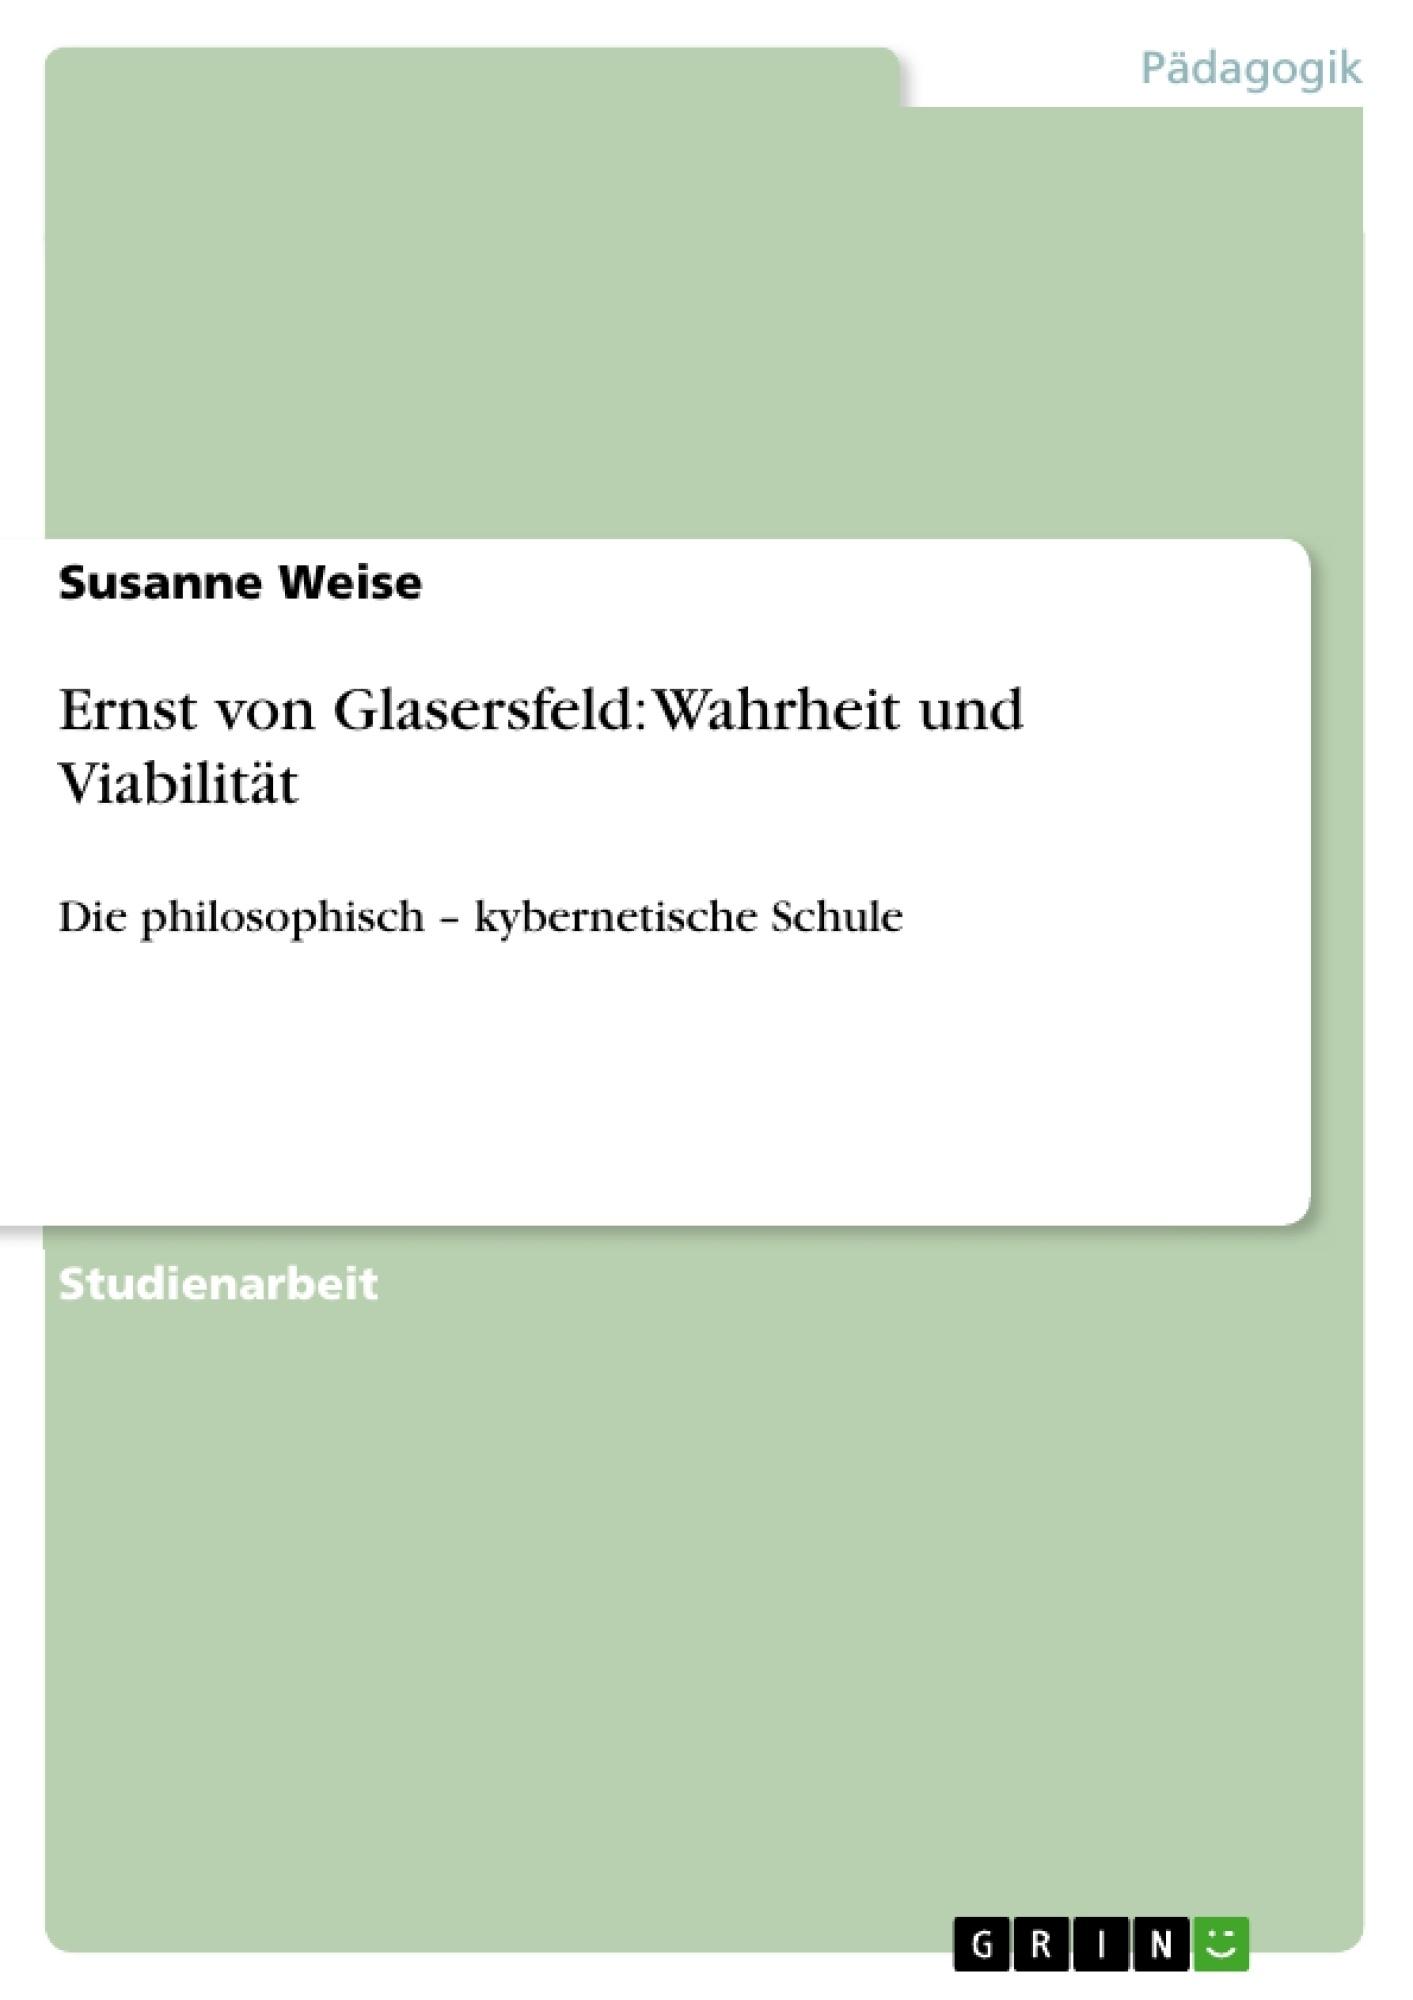 Titel: Ernst von Glasersfeld: Wahrheit und Viabilität